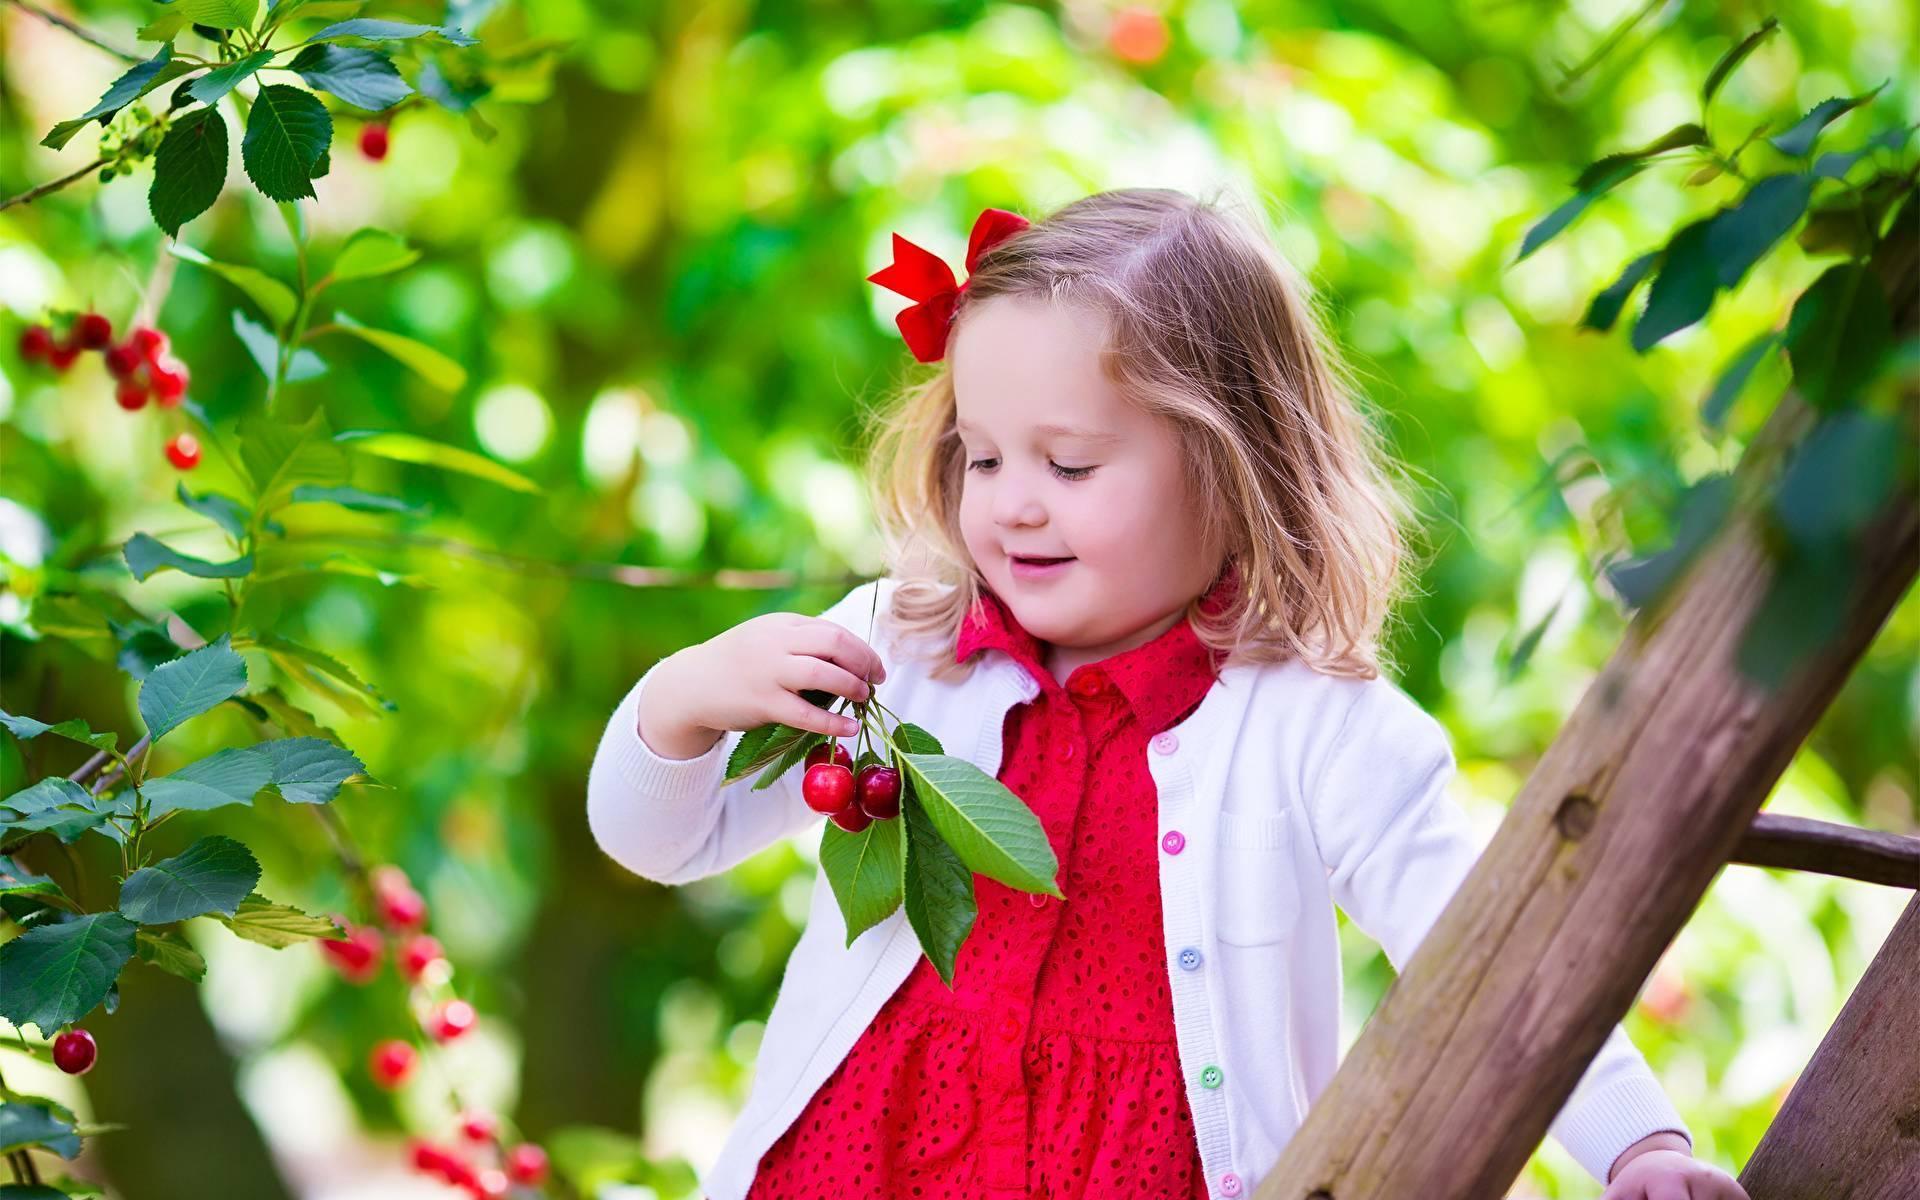 Аллергия на клубнику у ребенка фото с пояснениями